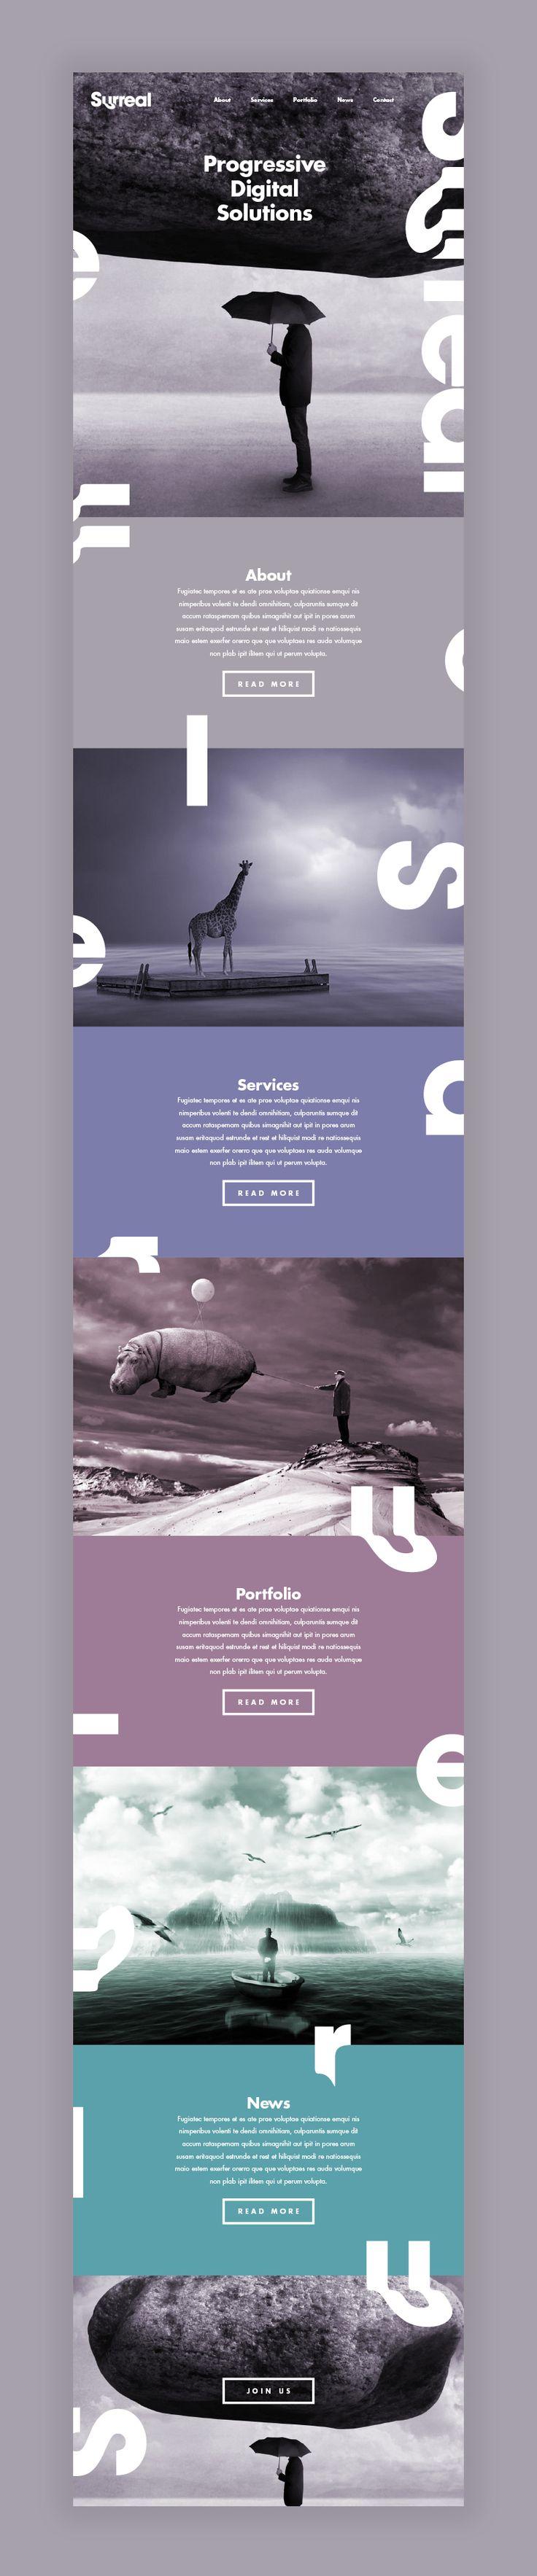 Surreal // Branding on Behance #web #webdesign #design #layout #grid